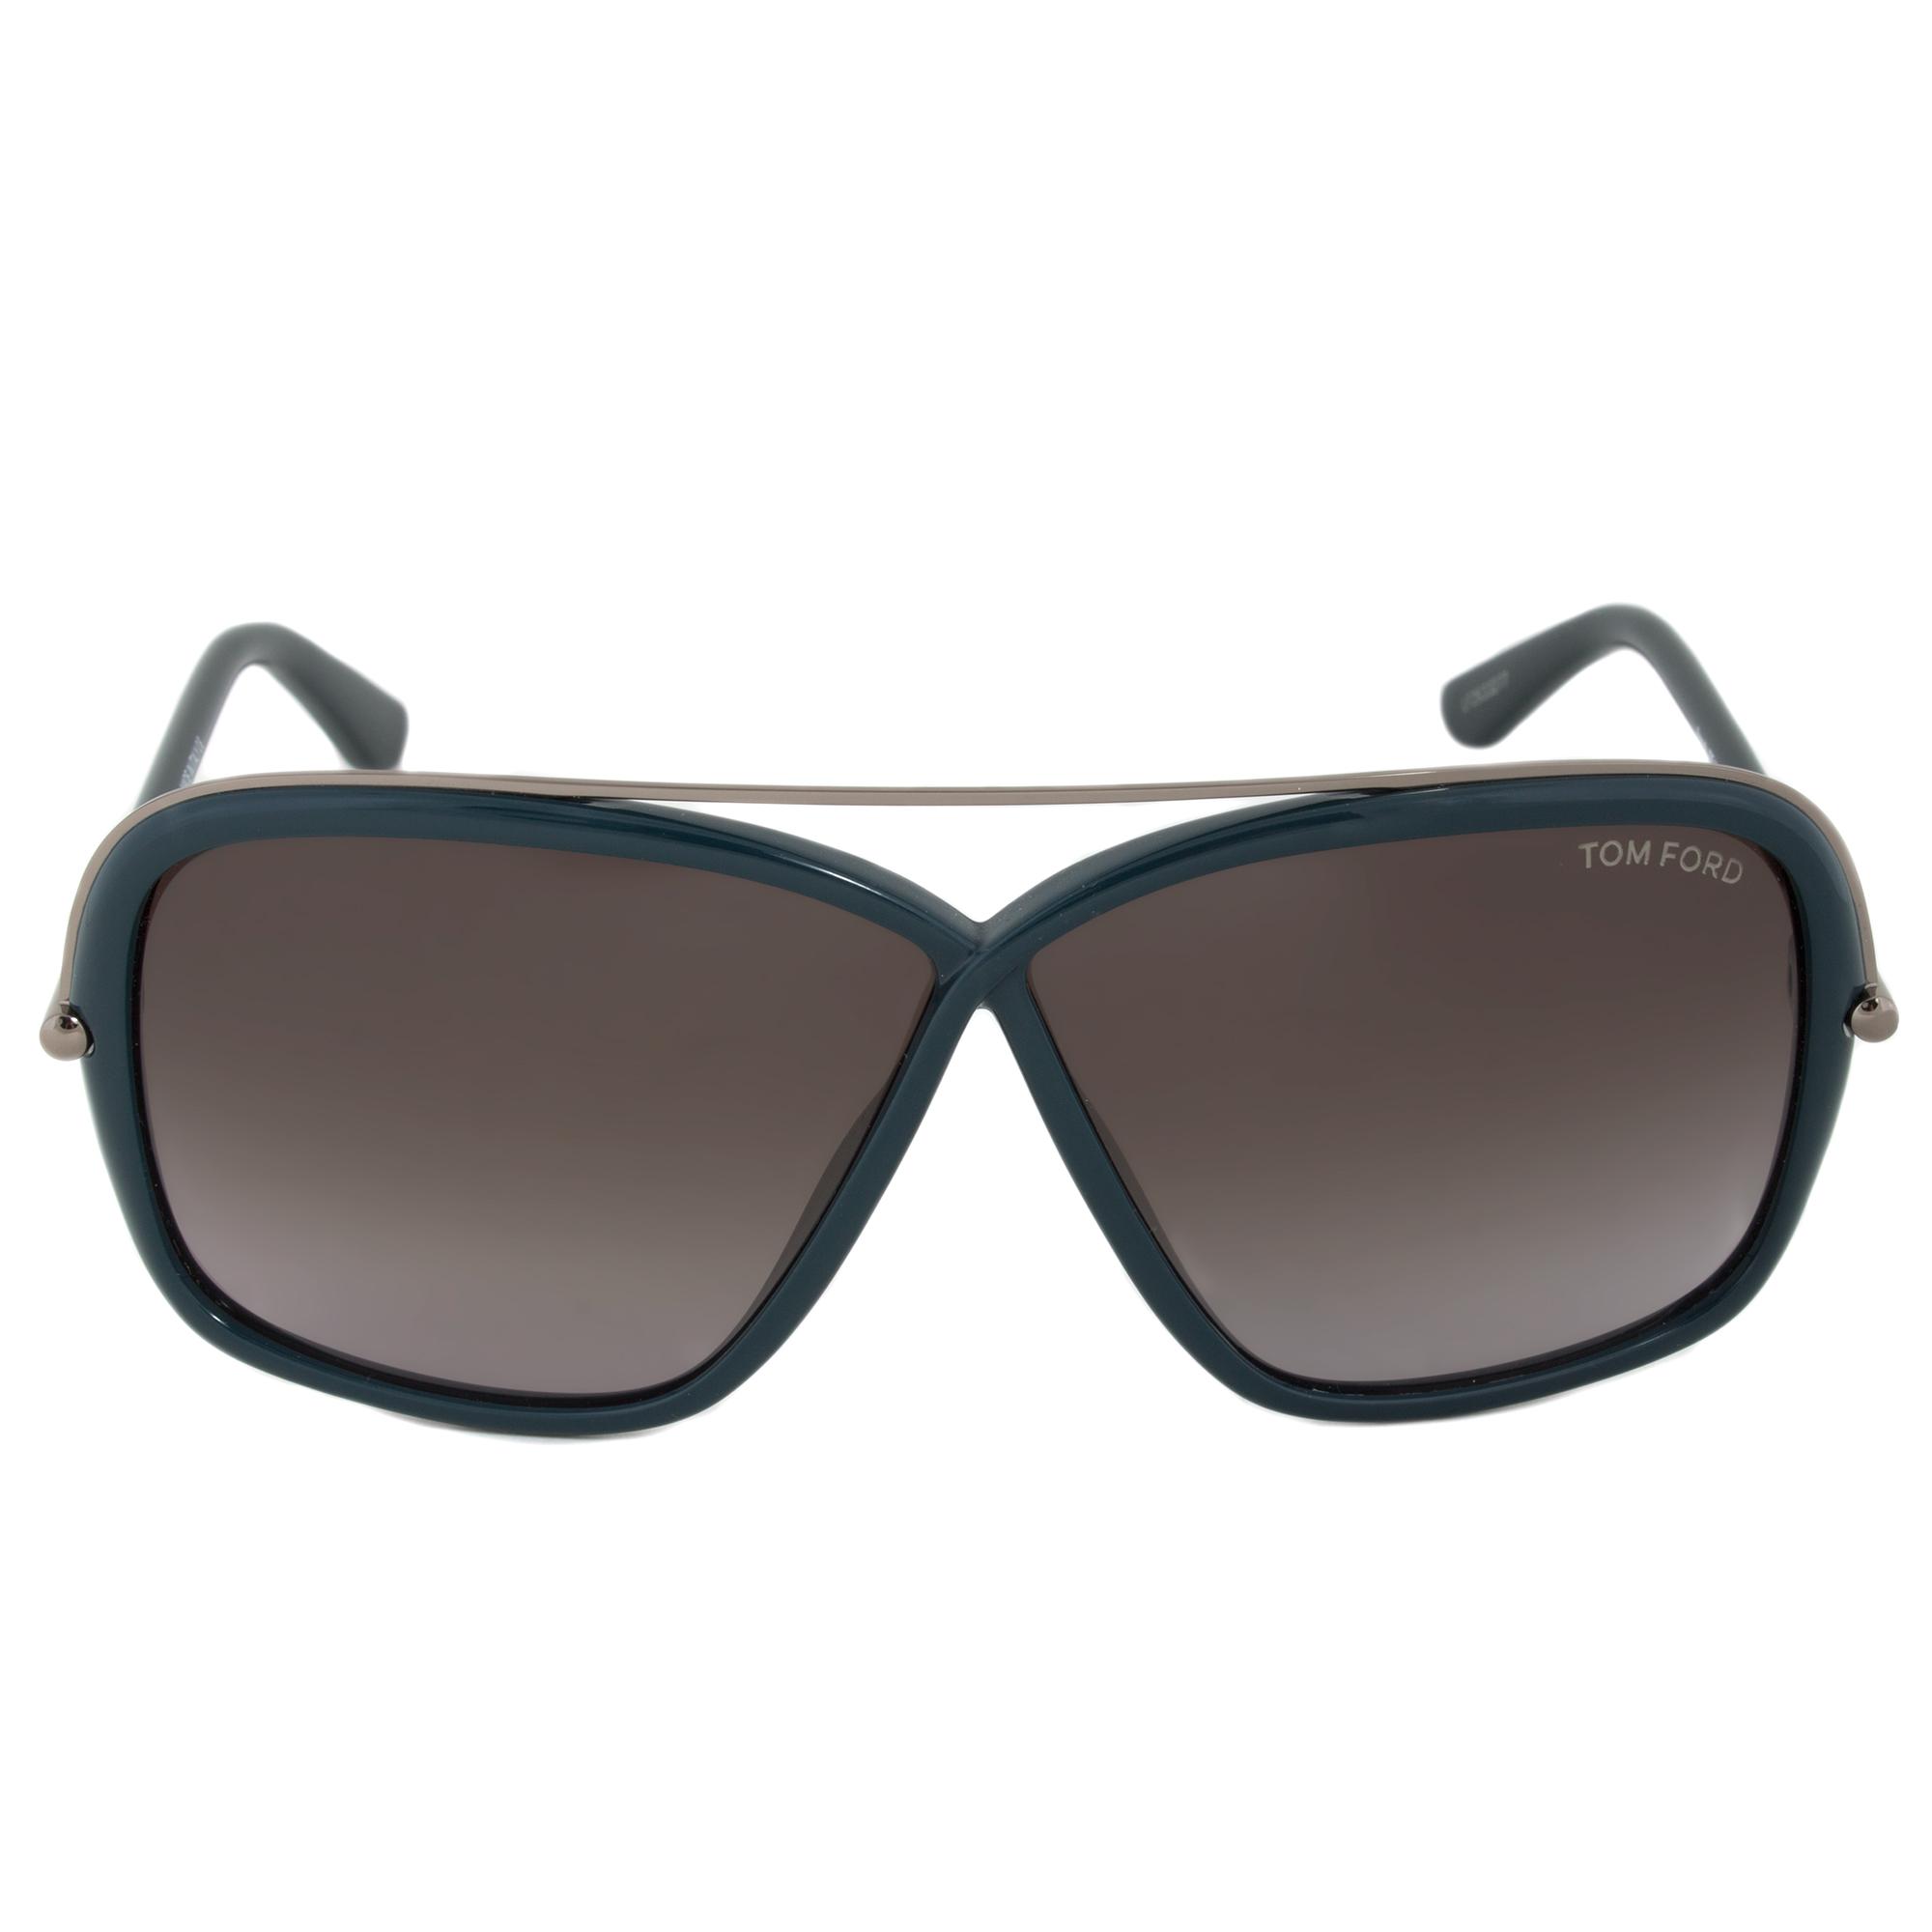 04d46ebbb5eaf Tom Ford Brenda Sunglasses FT0455 96P